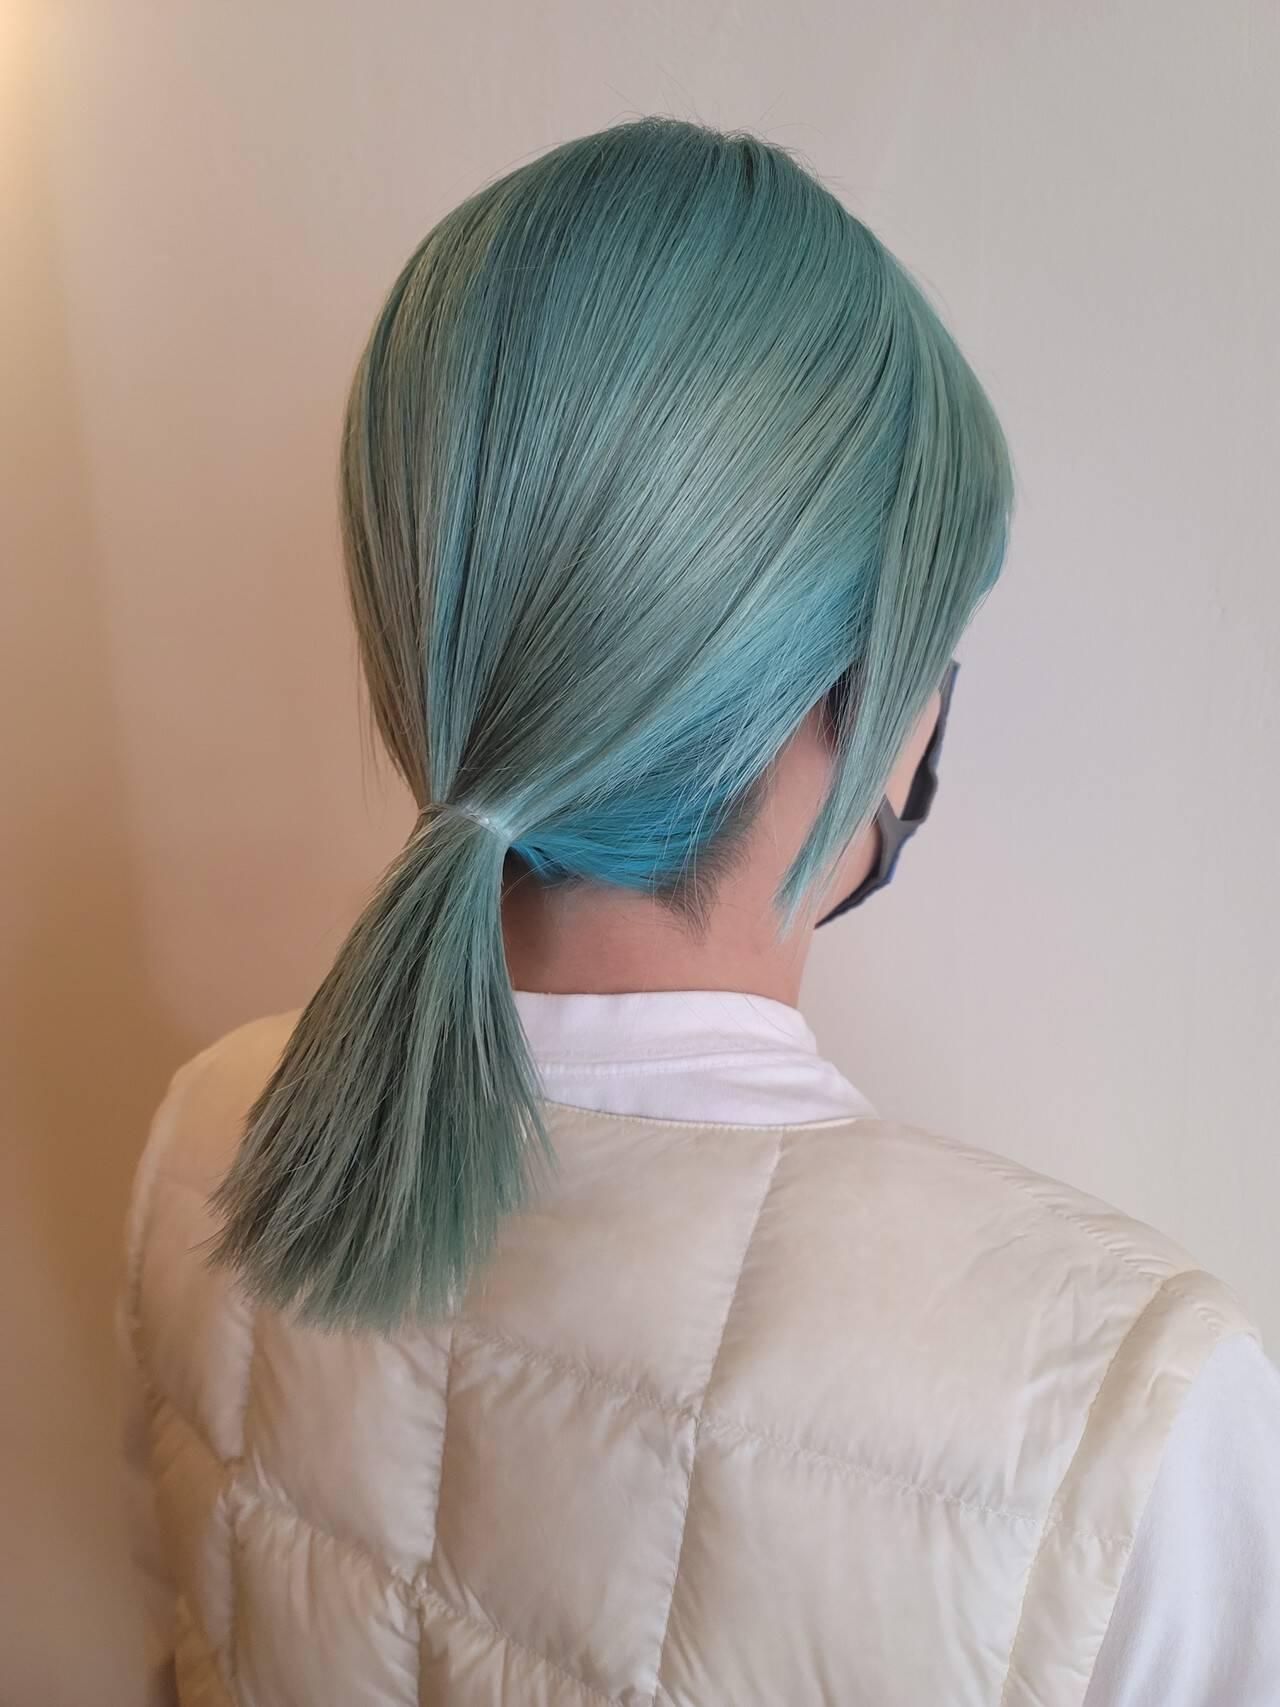 セミロング モード エメラルドグリーンカラー グリーンヘアスタイルや髪型の写真・画像